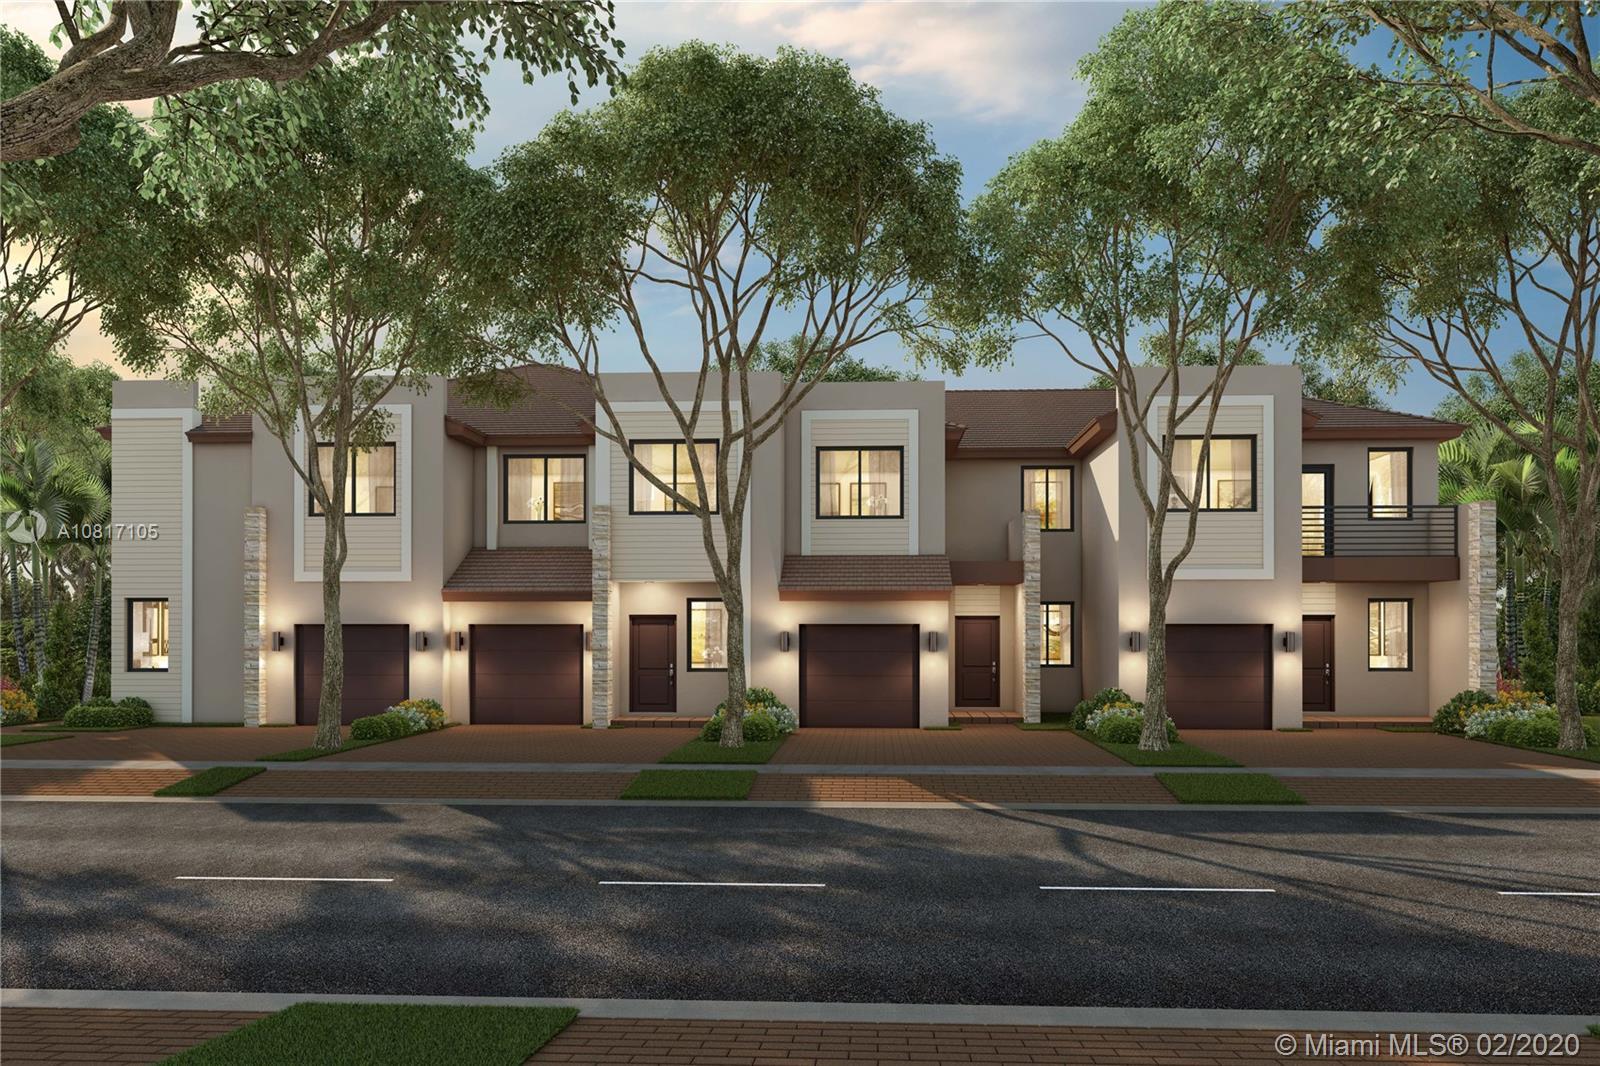 21412 NE 2 CT, Miami, FL 33179 - Miami, FL real estate listing